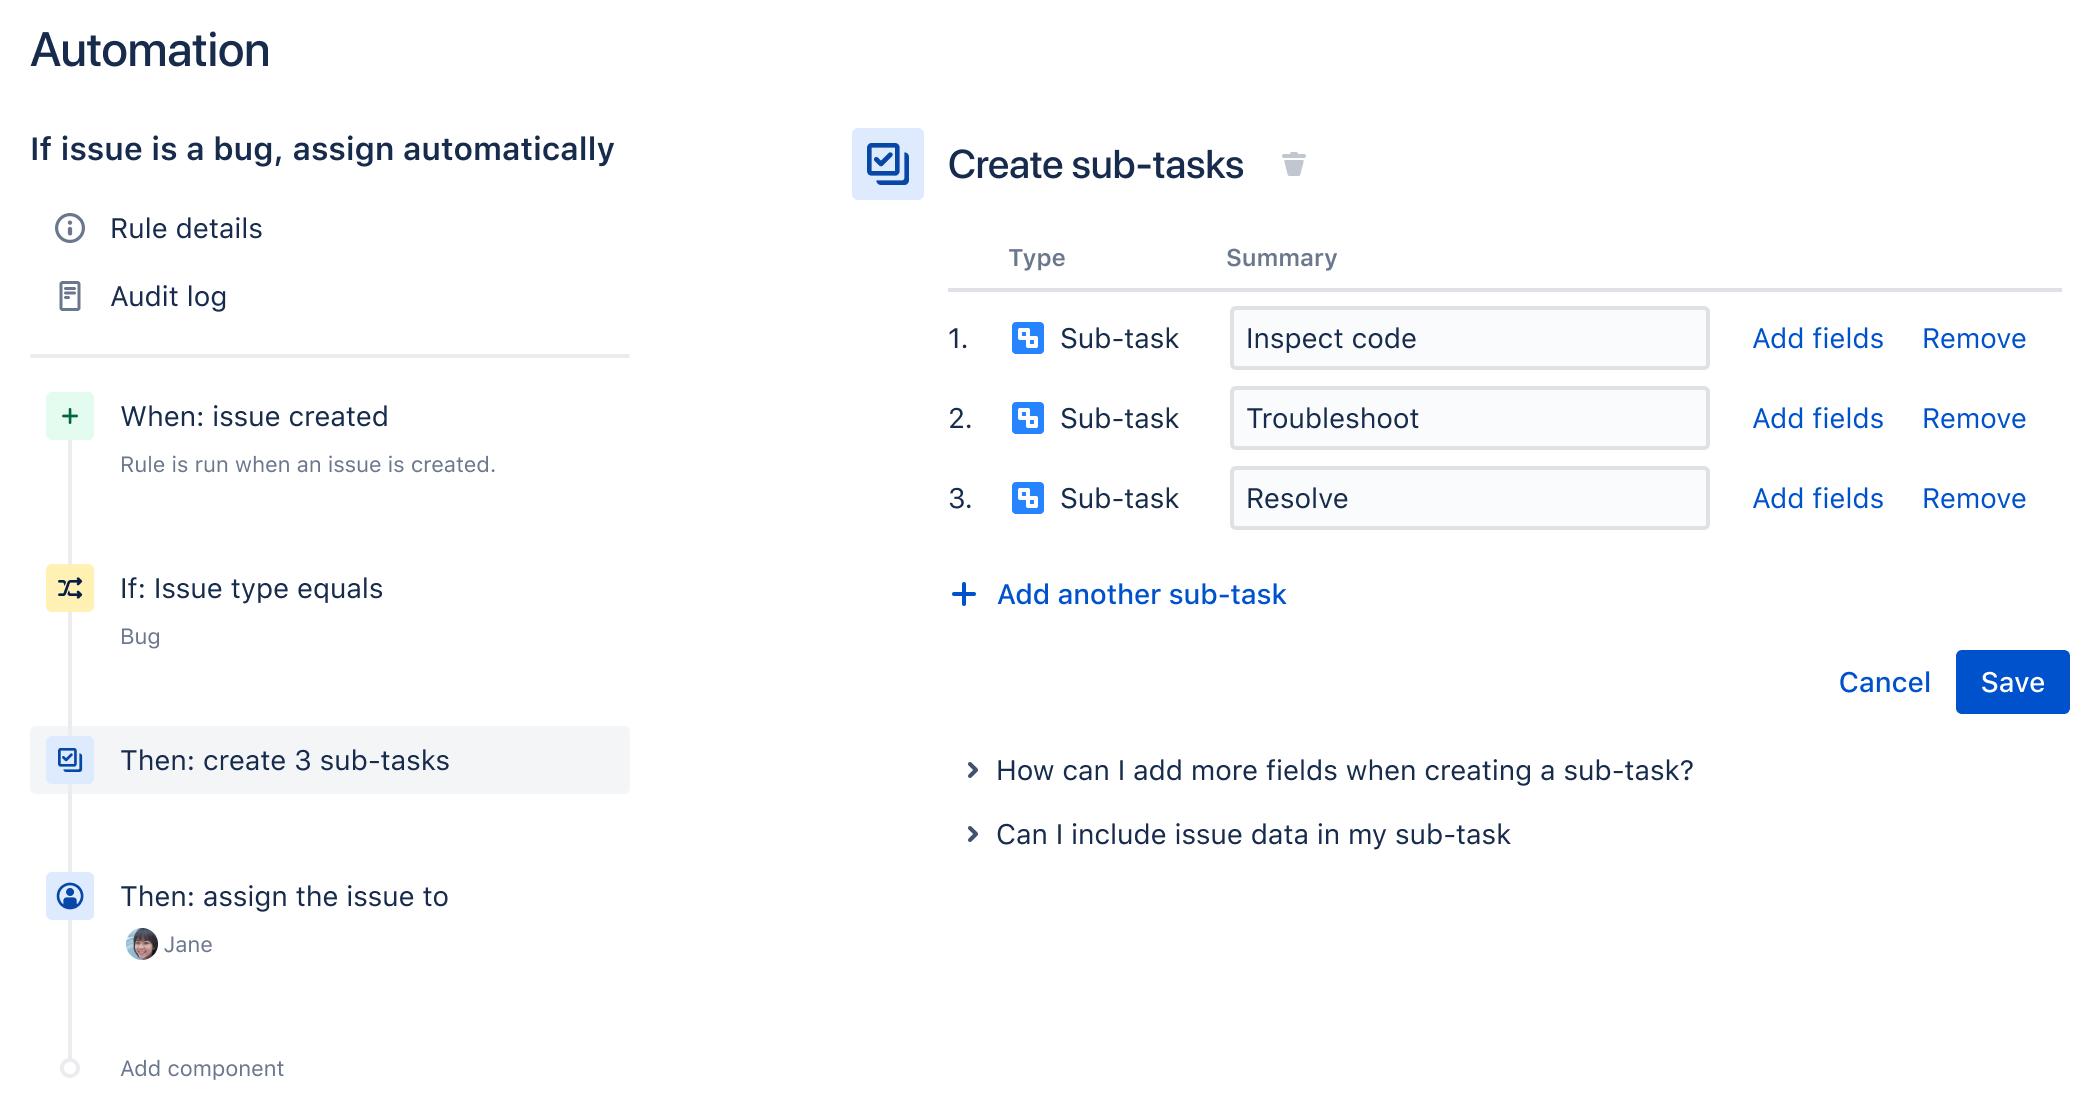 ルールビルダーの一例: 新しいバグにサブタスクを自動的に追加し、それらをユーザーに割り当てるための簡単なルールを表示する。